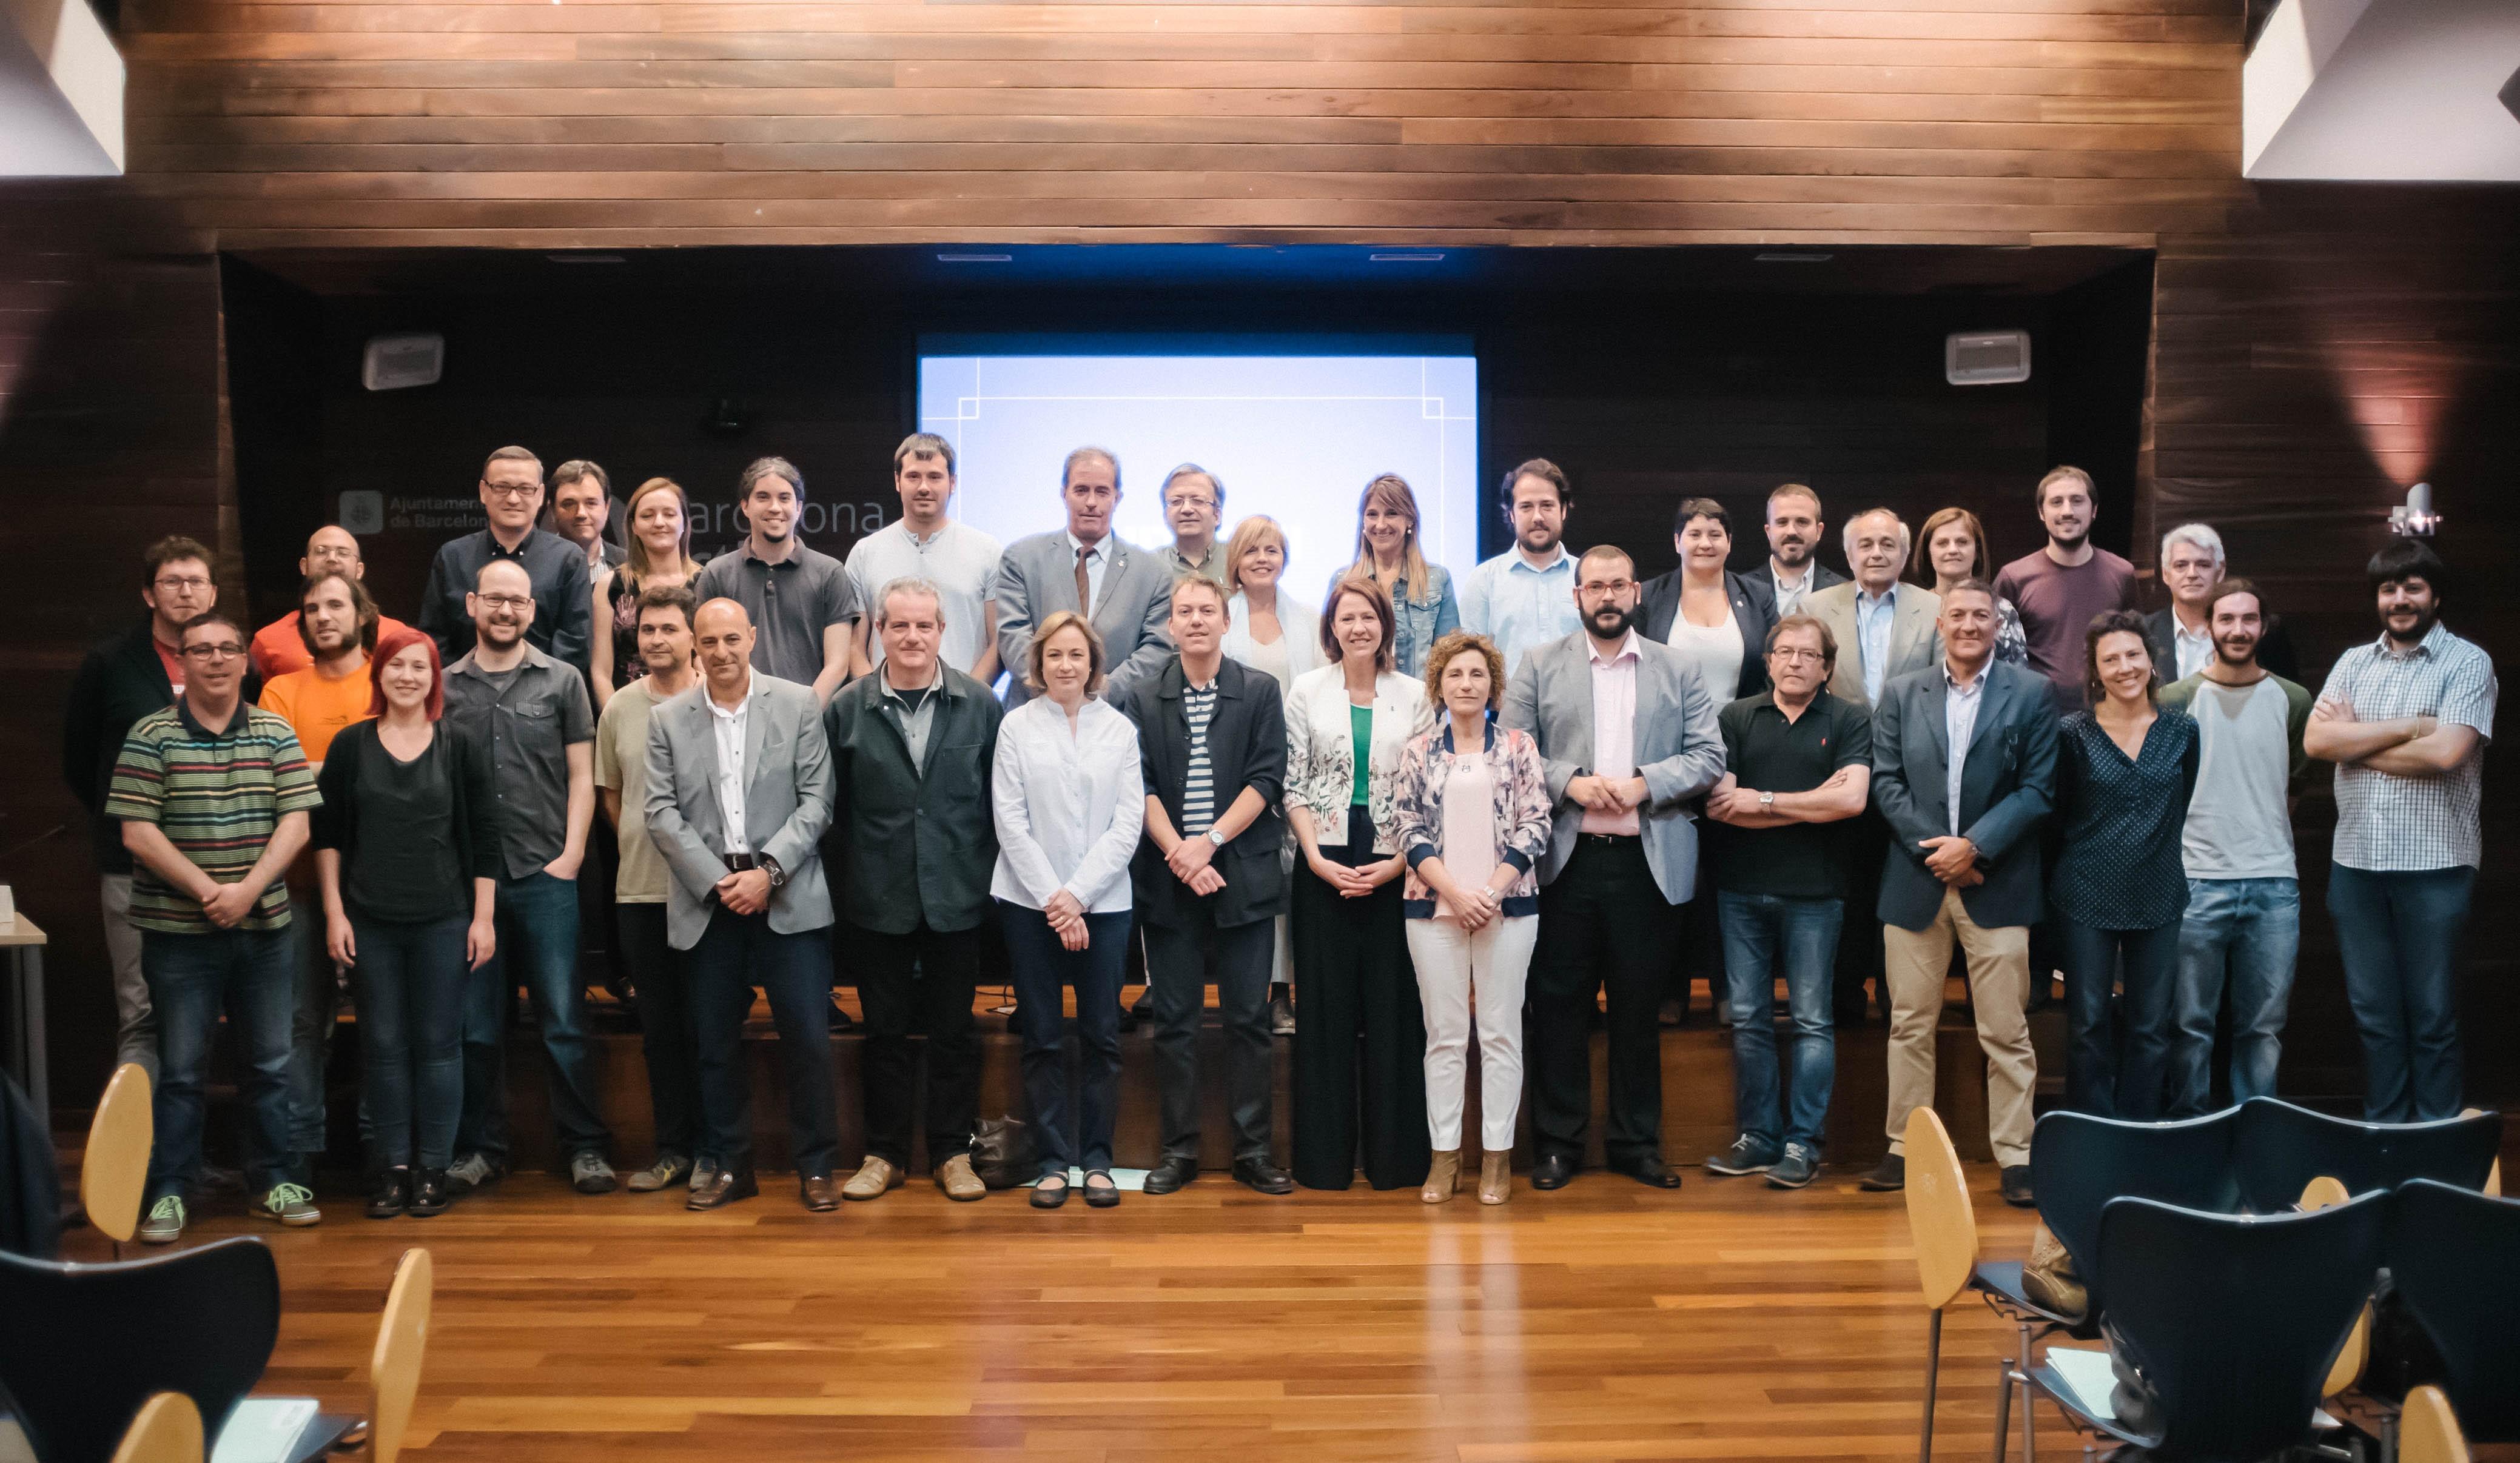 L'Ajuntament de Girona forma part de la nova Associació Xarxa de Municipis per l'Economia Social i Solidària